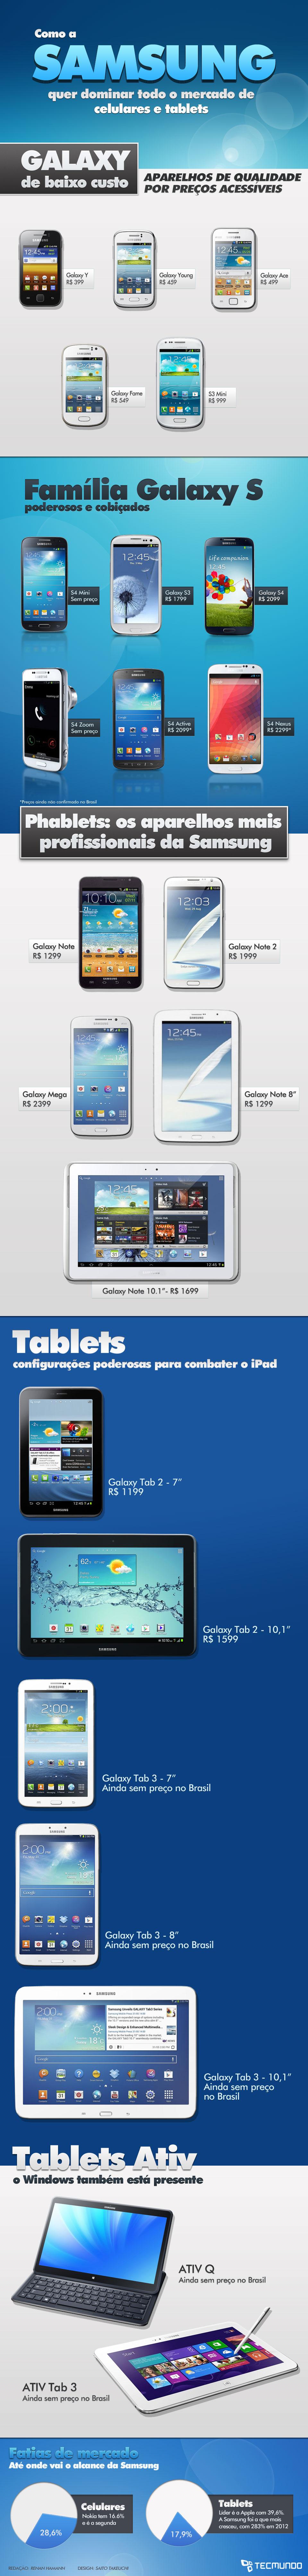 Como a Samsung quer dominar o mercado de celulares e tablets [infográfico]